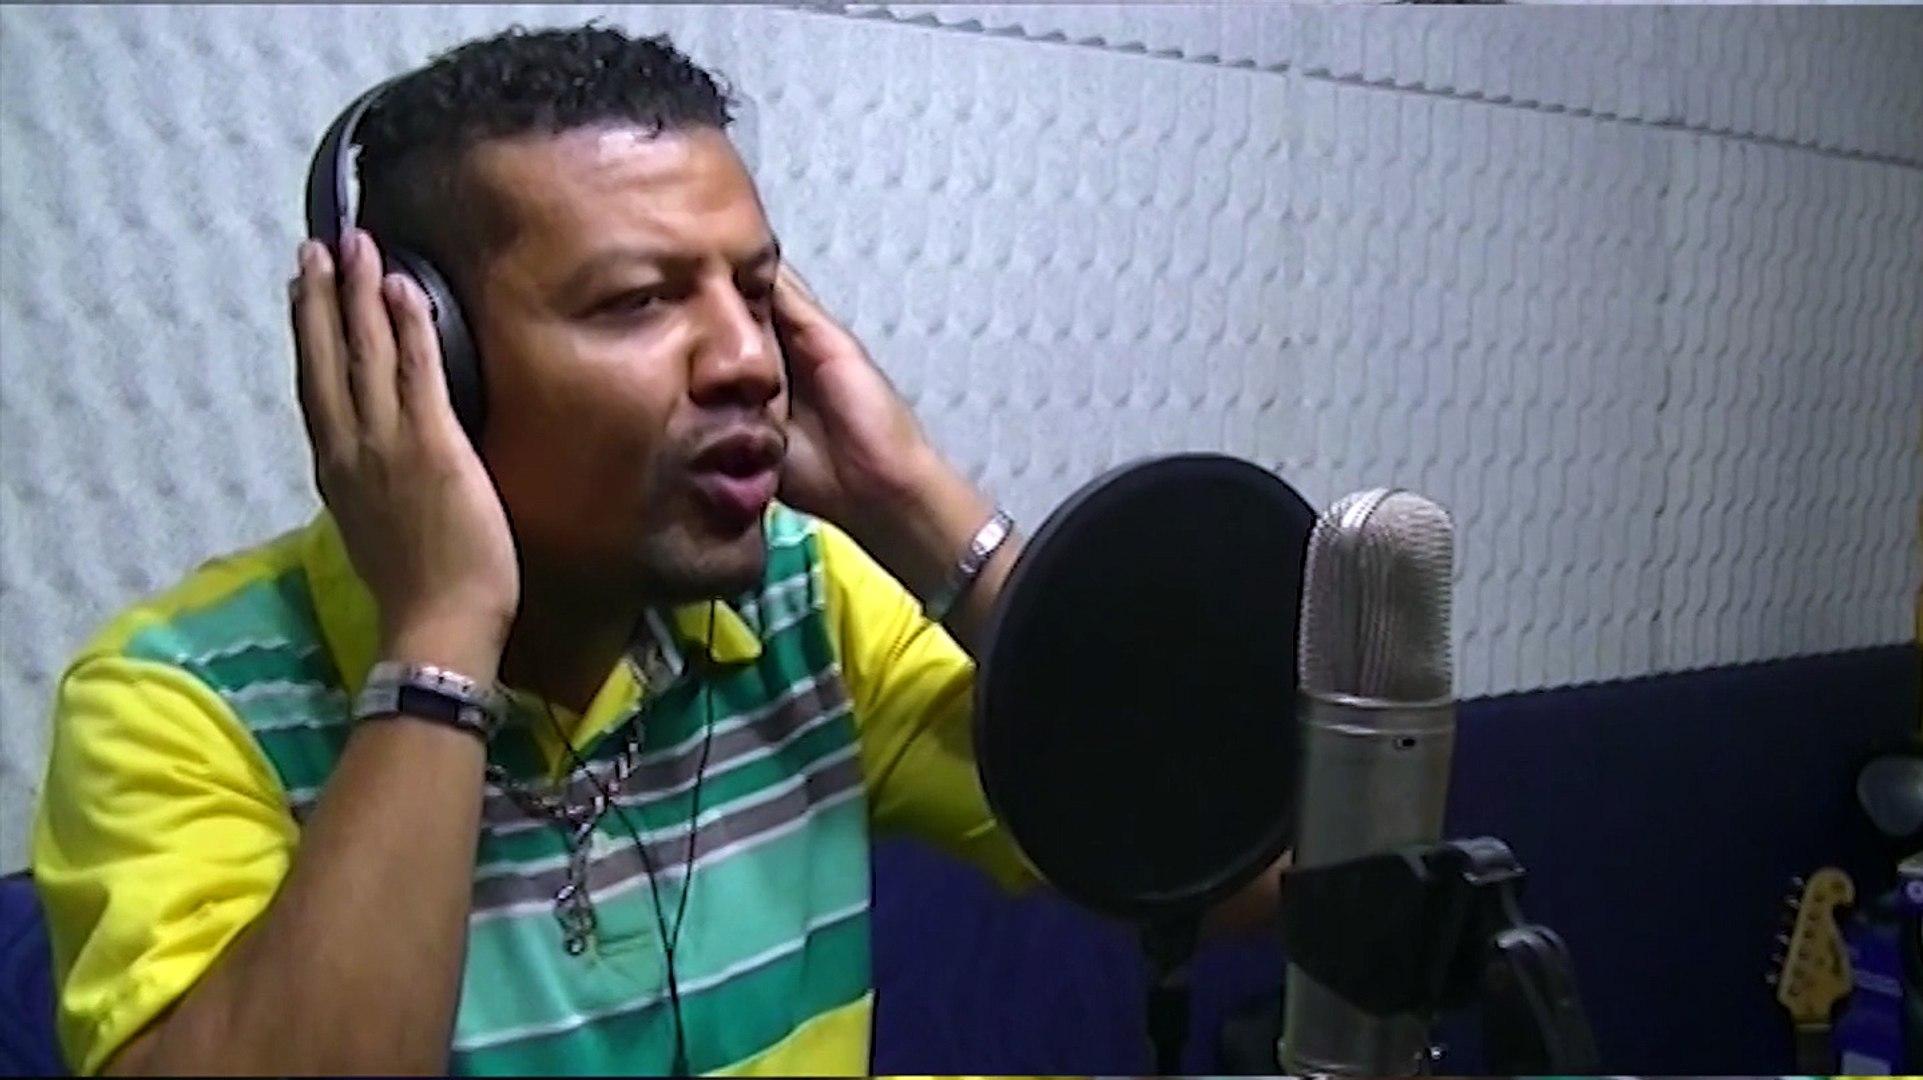 CANTOR AMOROSO PORQUE NÃO DISSE QUE ERA AMOR PART (FRANCIS LOPES)